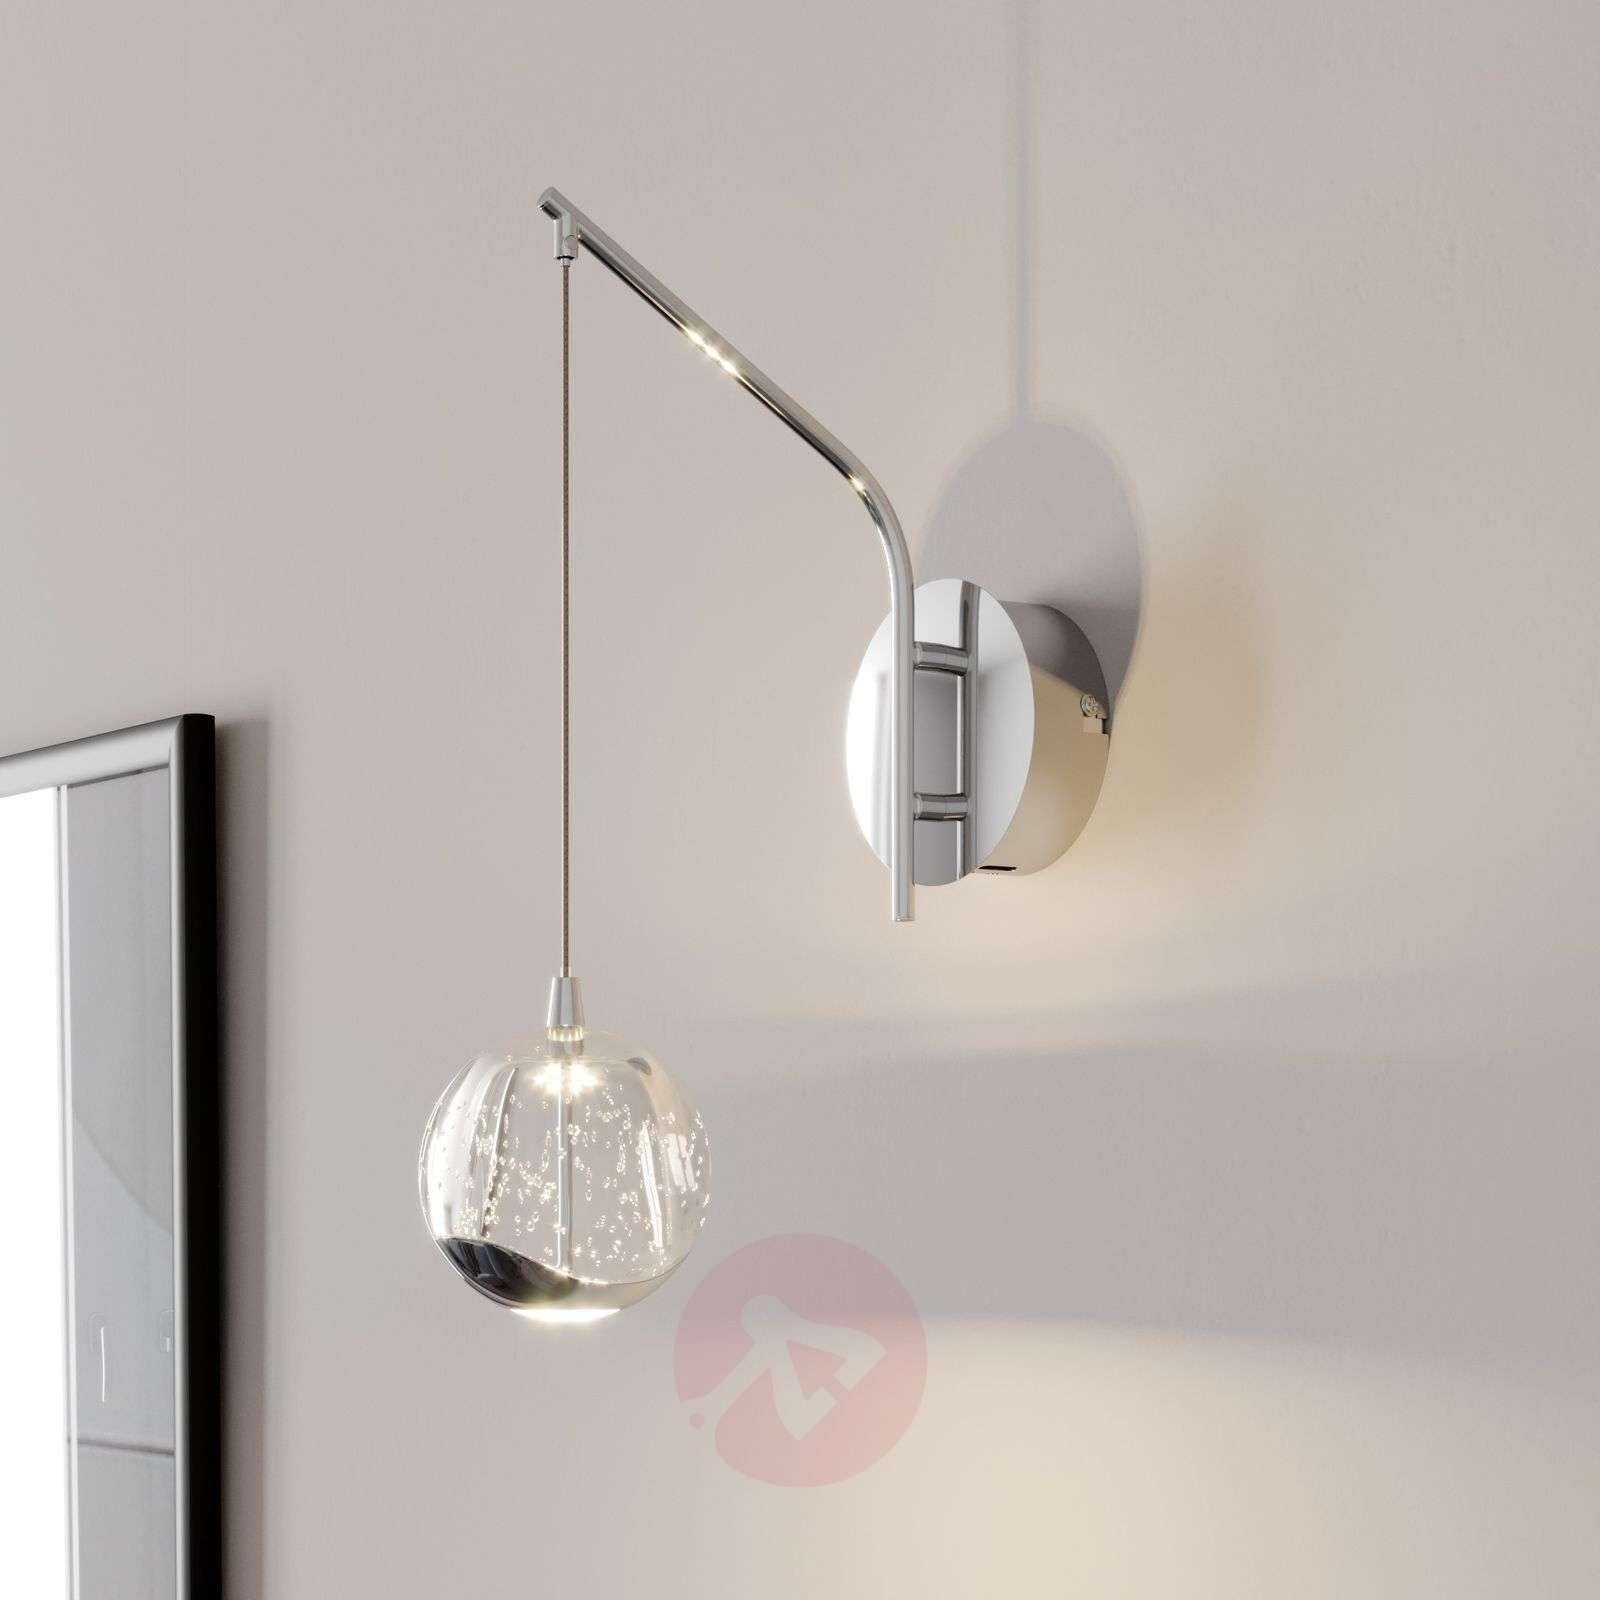 LED-seinävalaisin Hayley, riippuva pallo, kromi-9624363-01